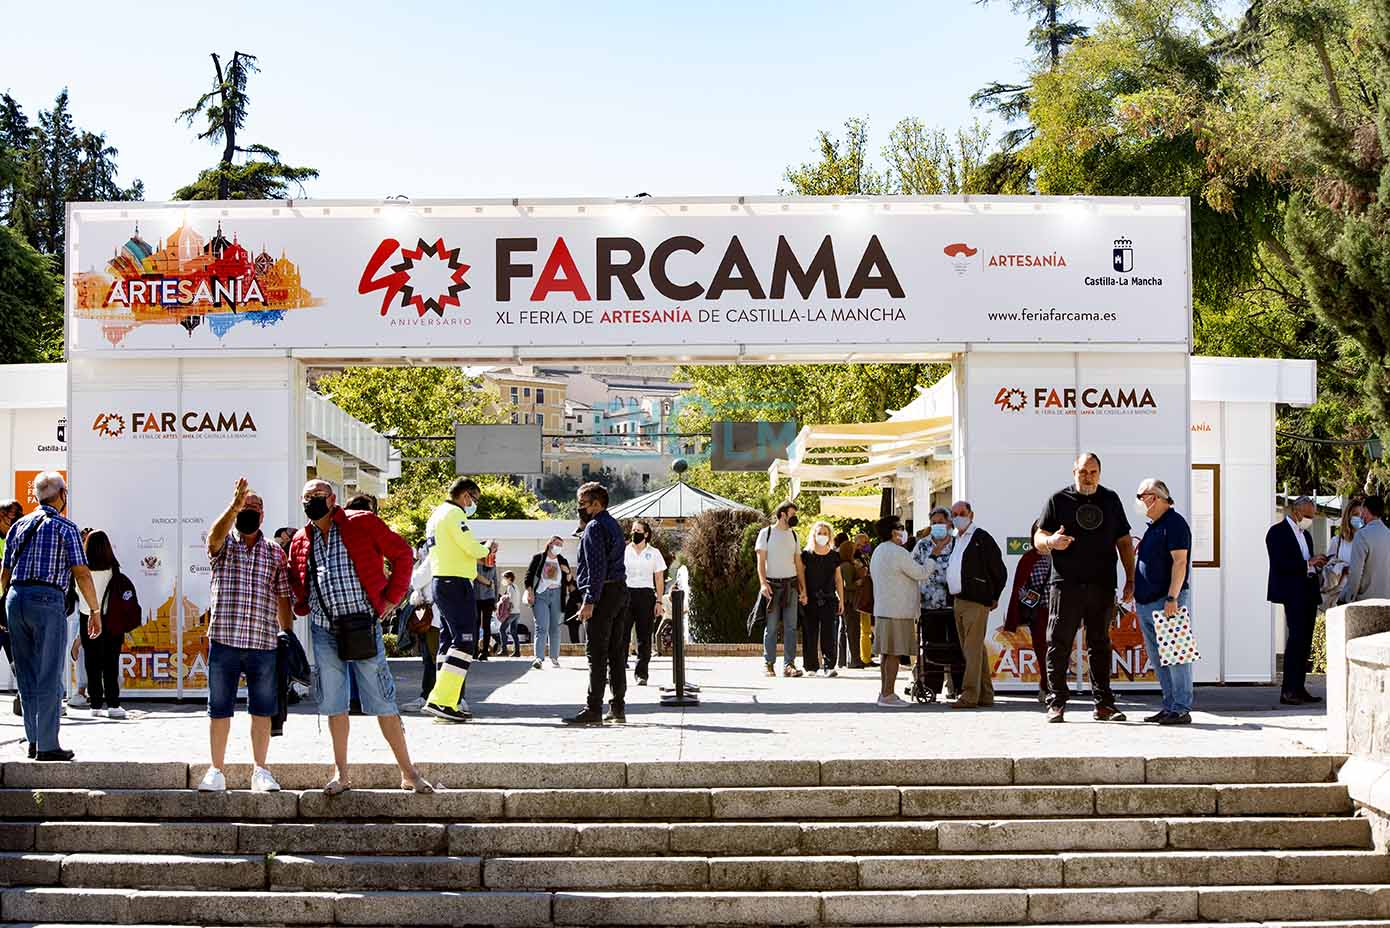 Farcama en La Vega